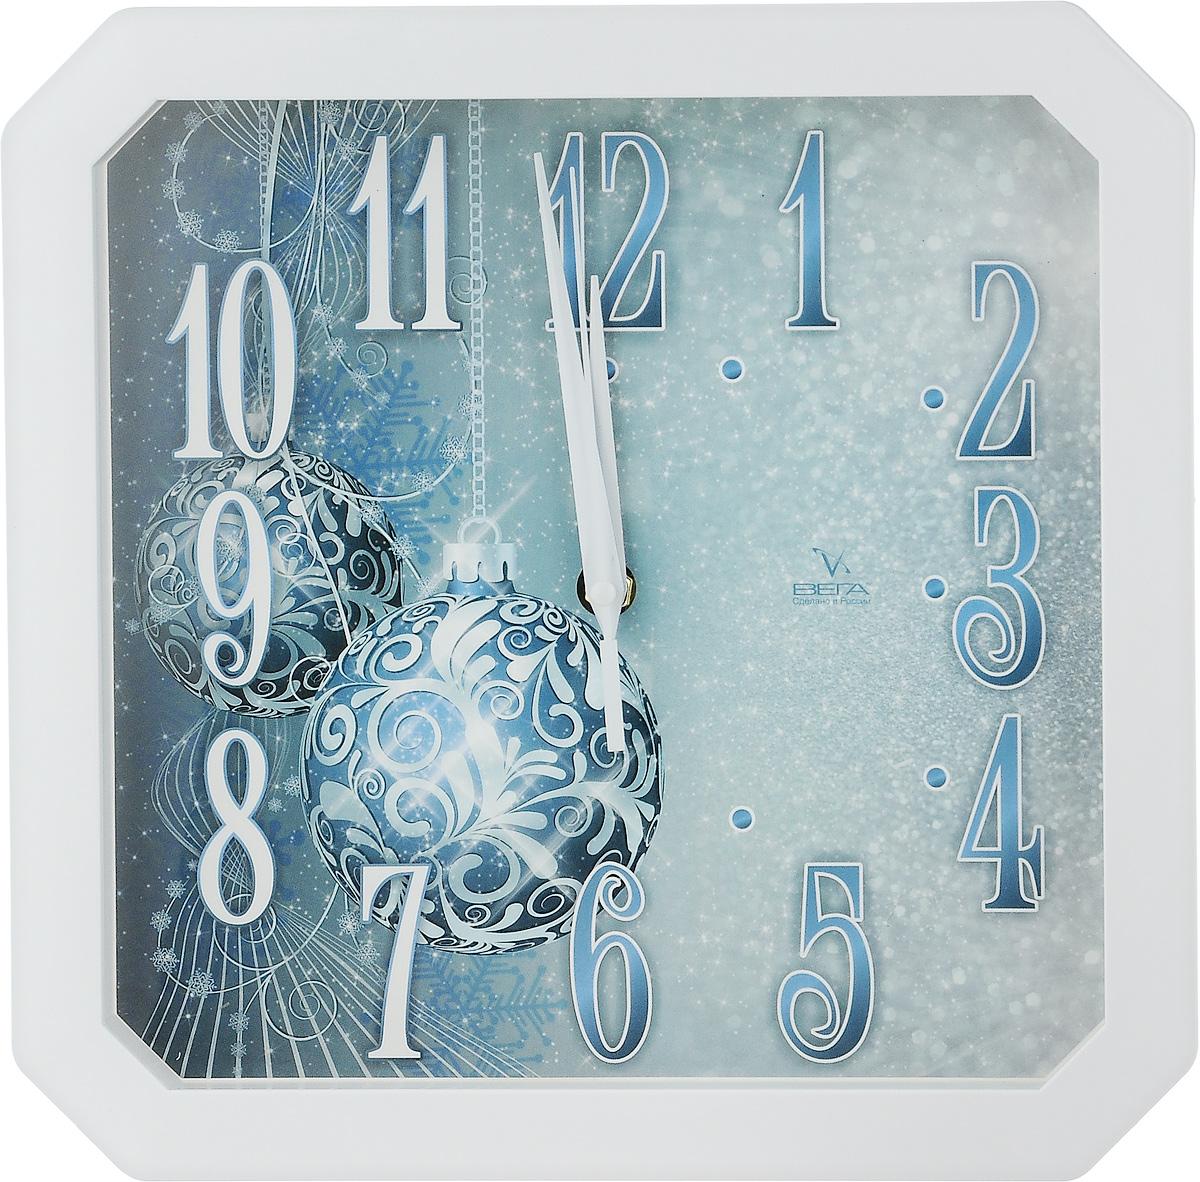 Часы настенные Вега Шары, 28 х 28 х 4 смП4-7/7-85Настенные кварцевые часы Вега Шары, изготовленные из пластика, прекрасно впишутся в интерьер вашего дома. Часы имеют три стрелки: часовую, минутную и секундную, циферблат защищен прозрачным стеклом. Часы работают от 1 батарейки типа АА напряжением 1,5 В (не входит в комплект).